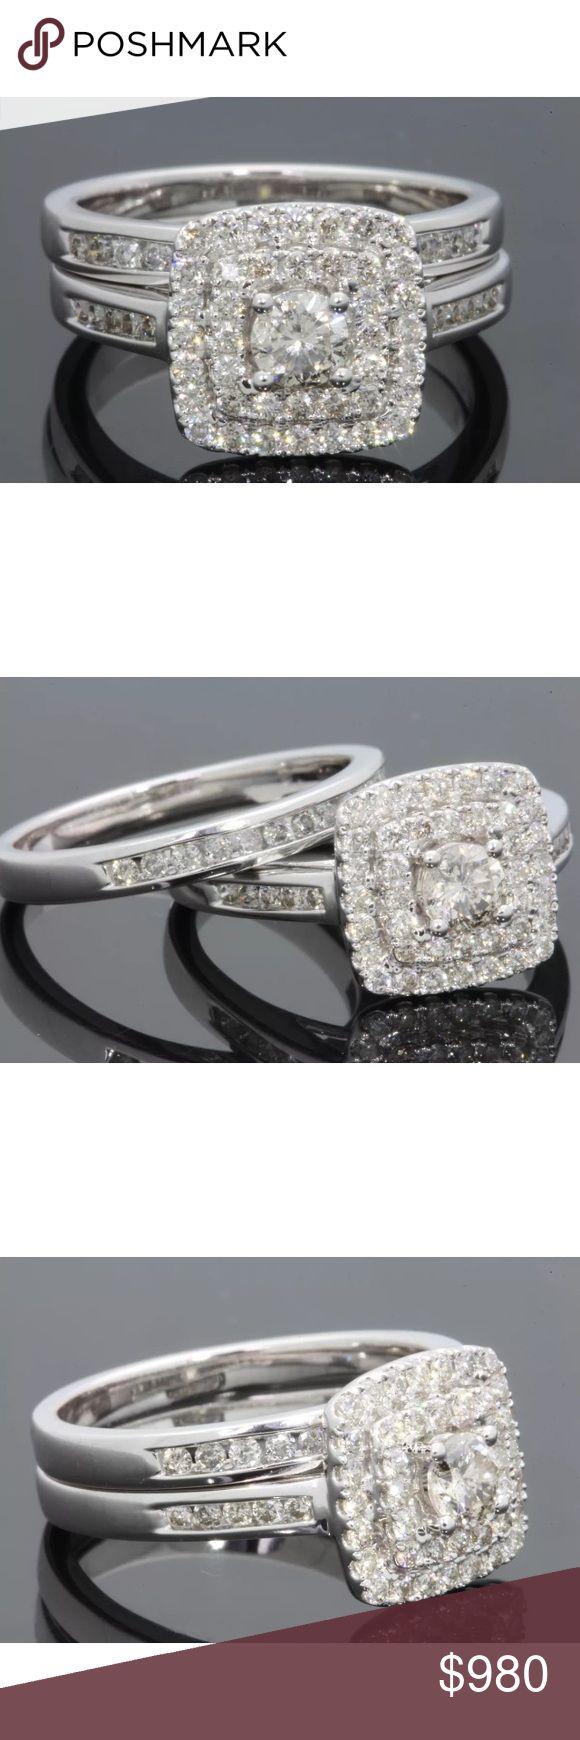 1.20 carat 14k white gold diamond ring set 1.20 carat 14k white gold diamond ring set. Center diamond 0.32 carats. Retail $2600 Jewelry Rings